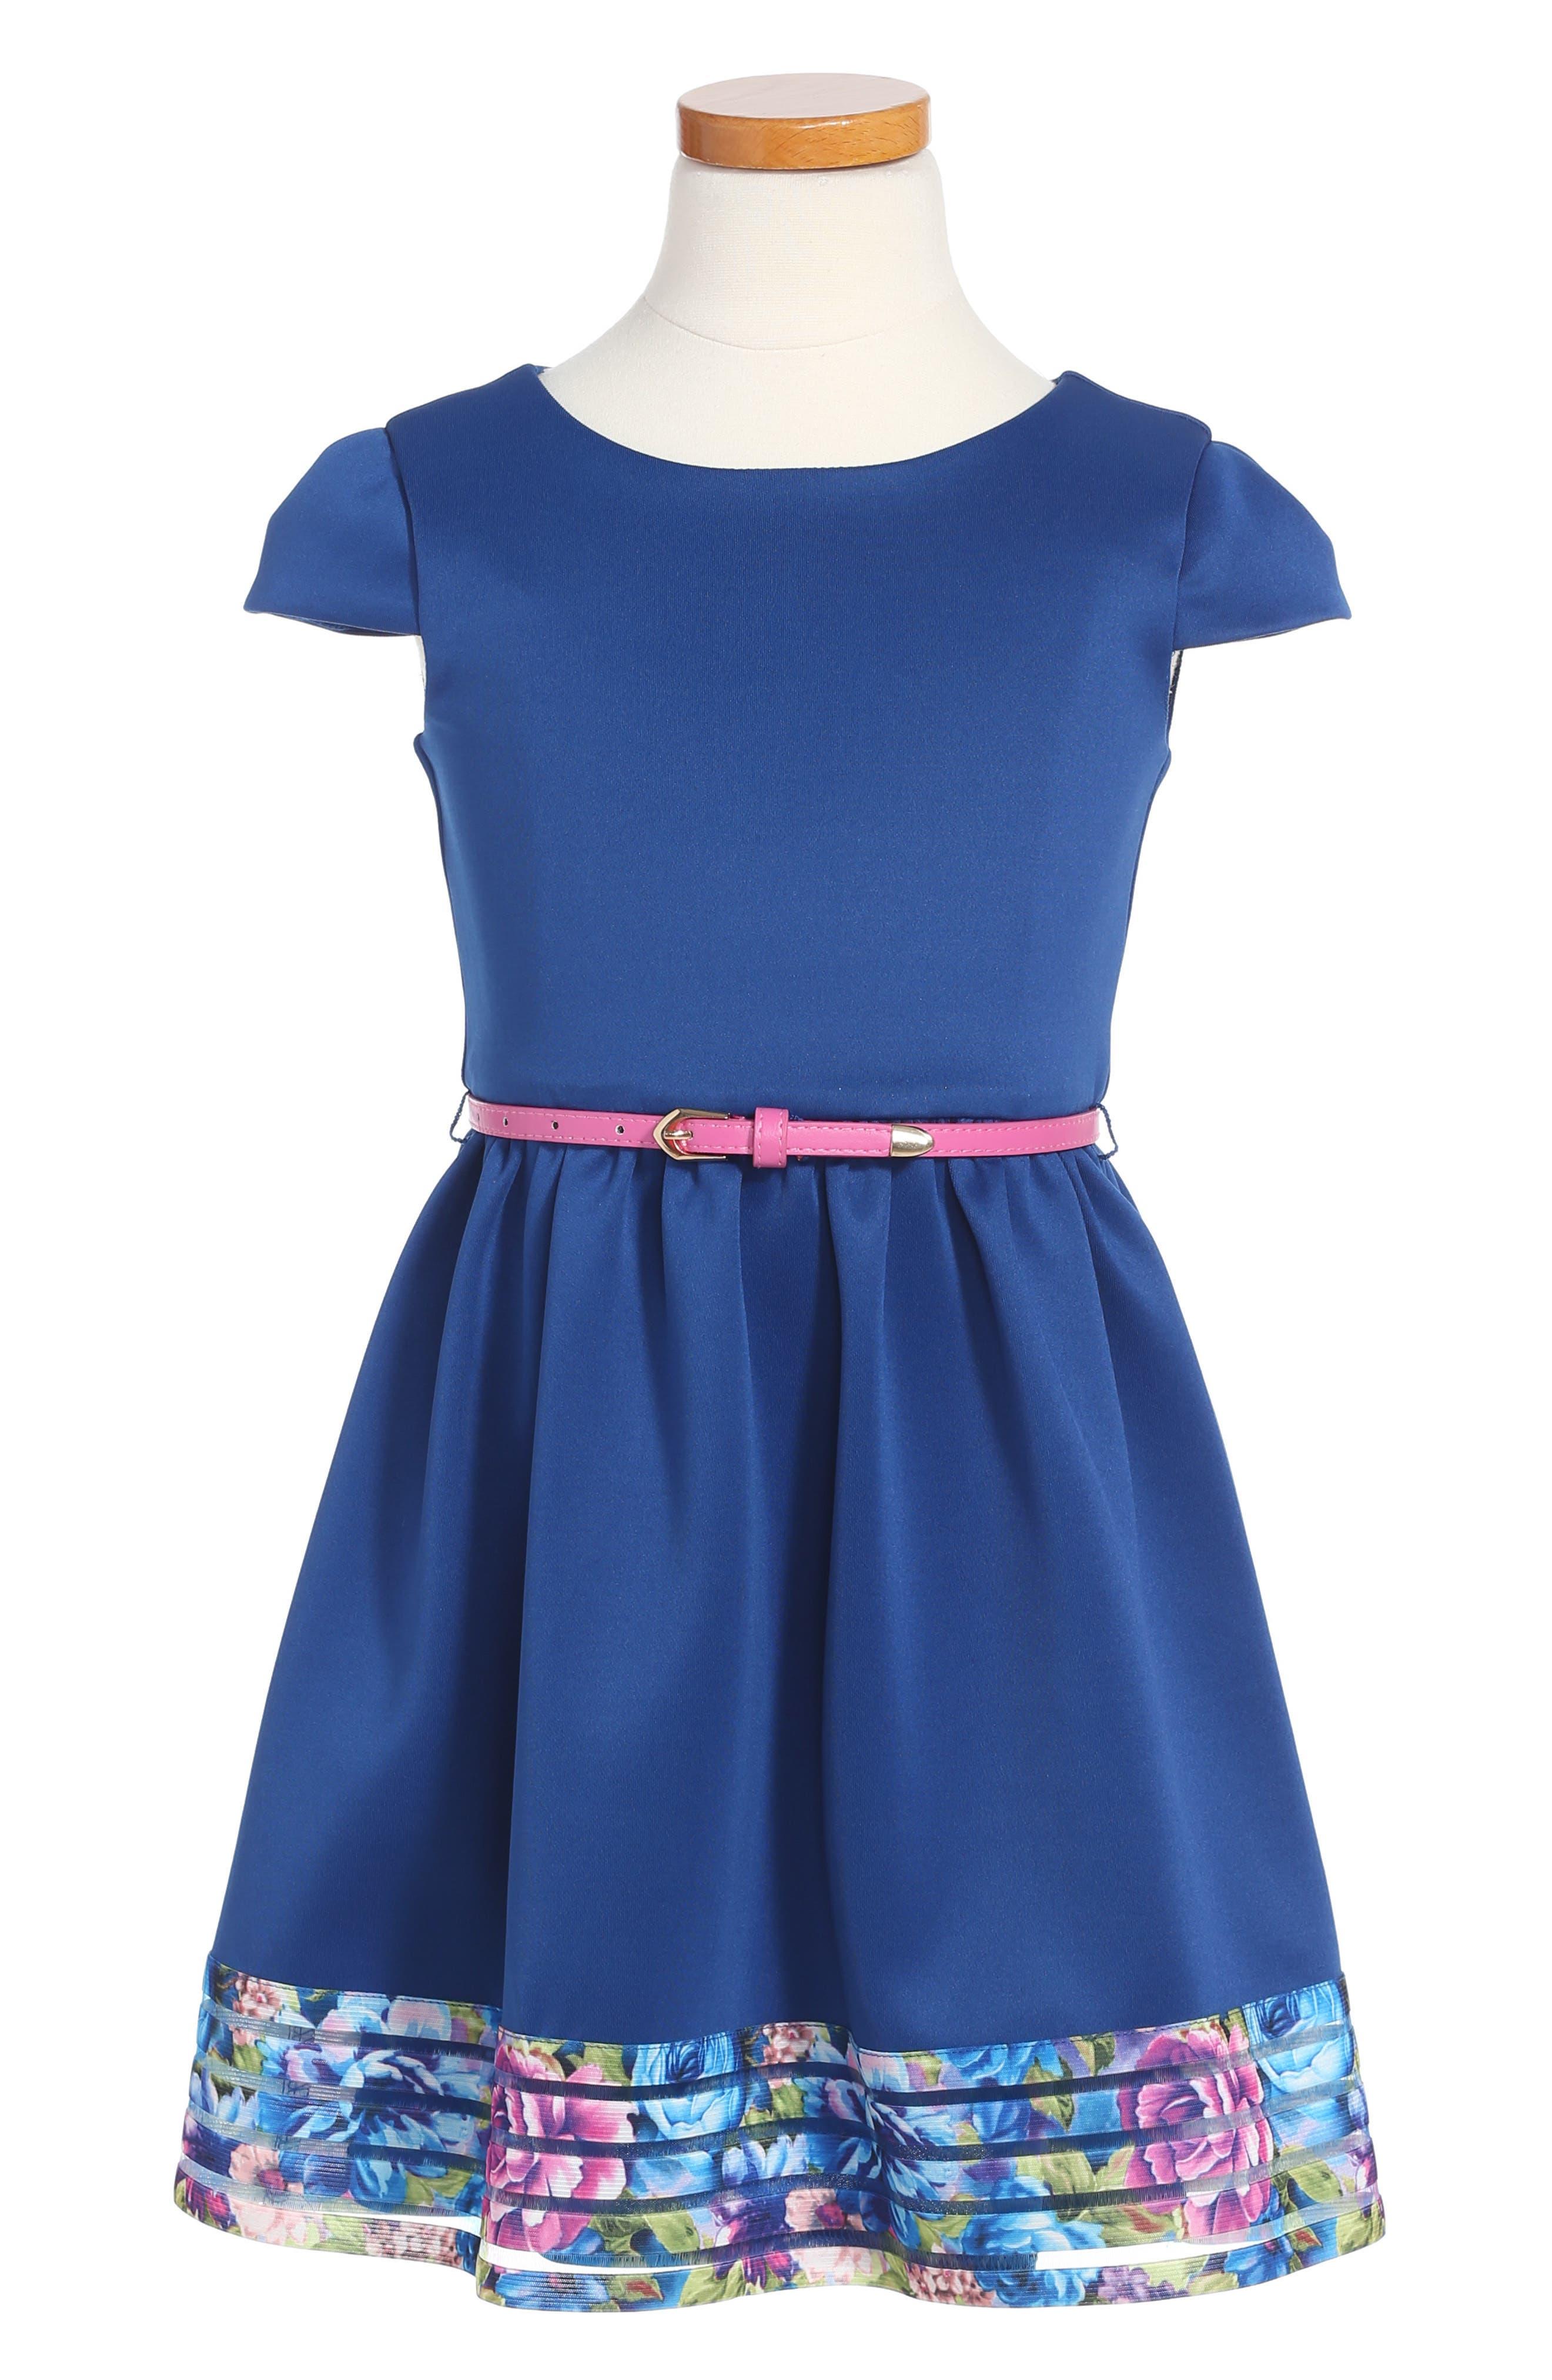 Alternate Image 1 Selected - Little Angels Elastic Stripe Dress (Toddler Girls & Little Girls)